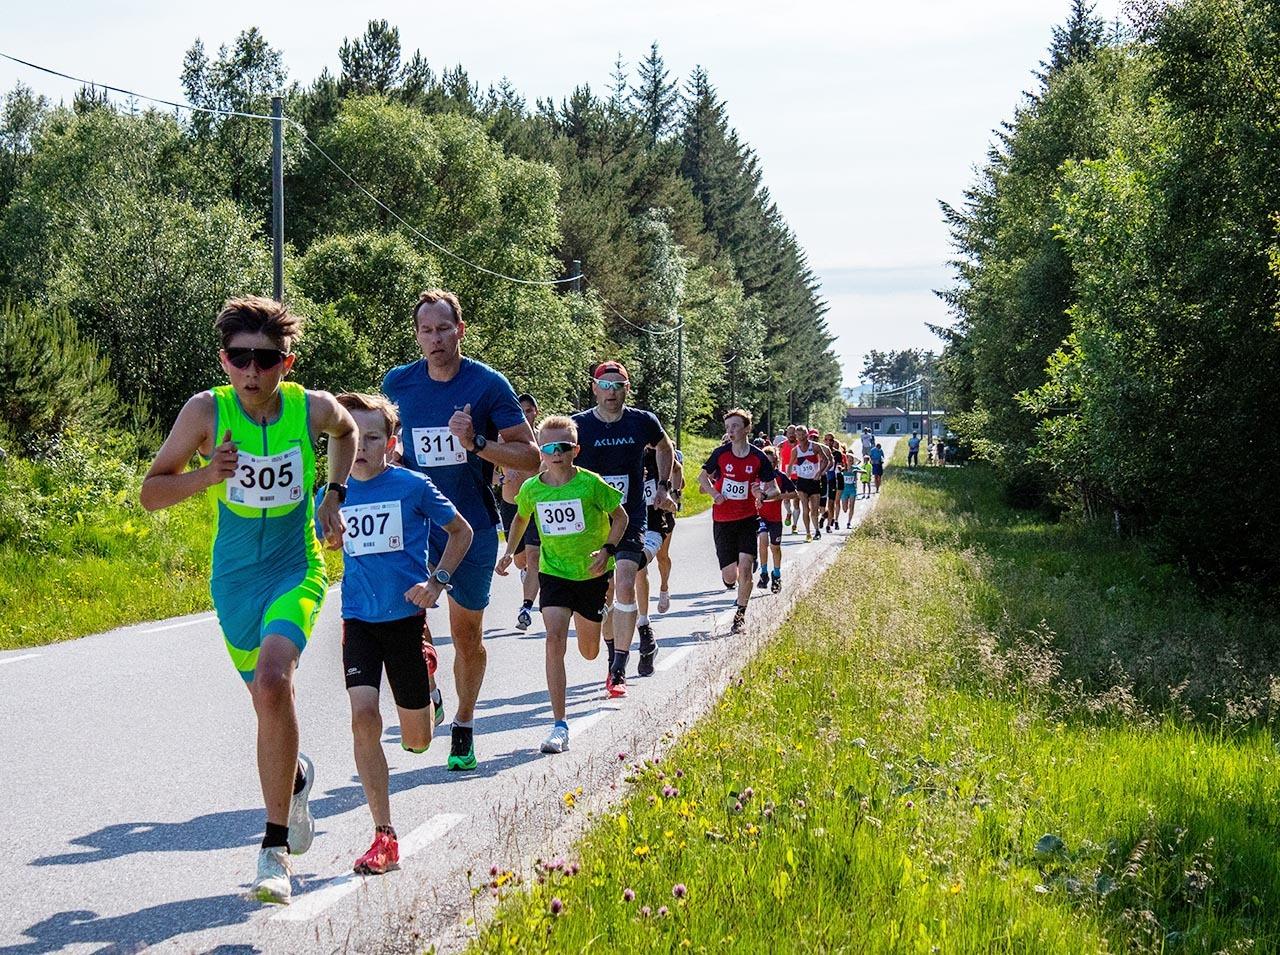 5km_start_Run_Hustadvika.jpg